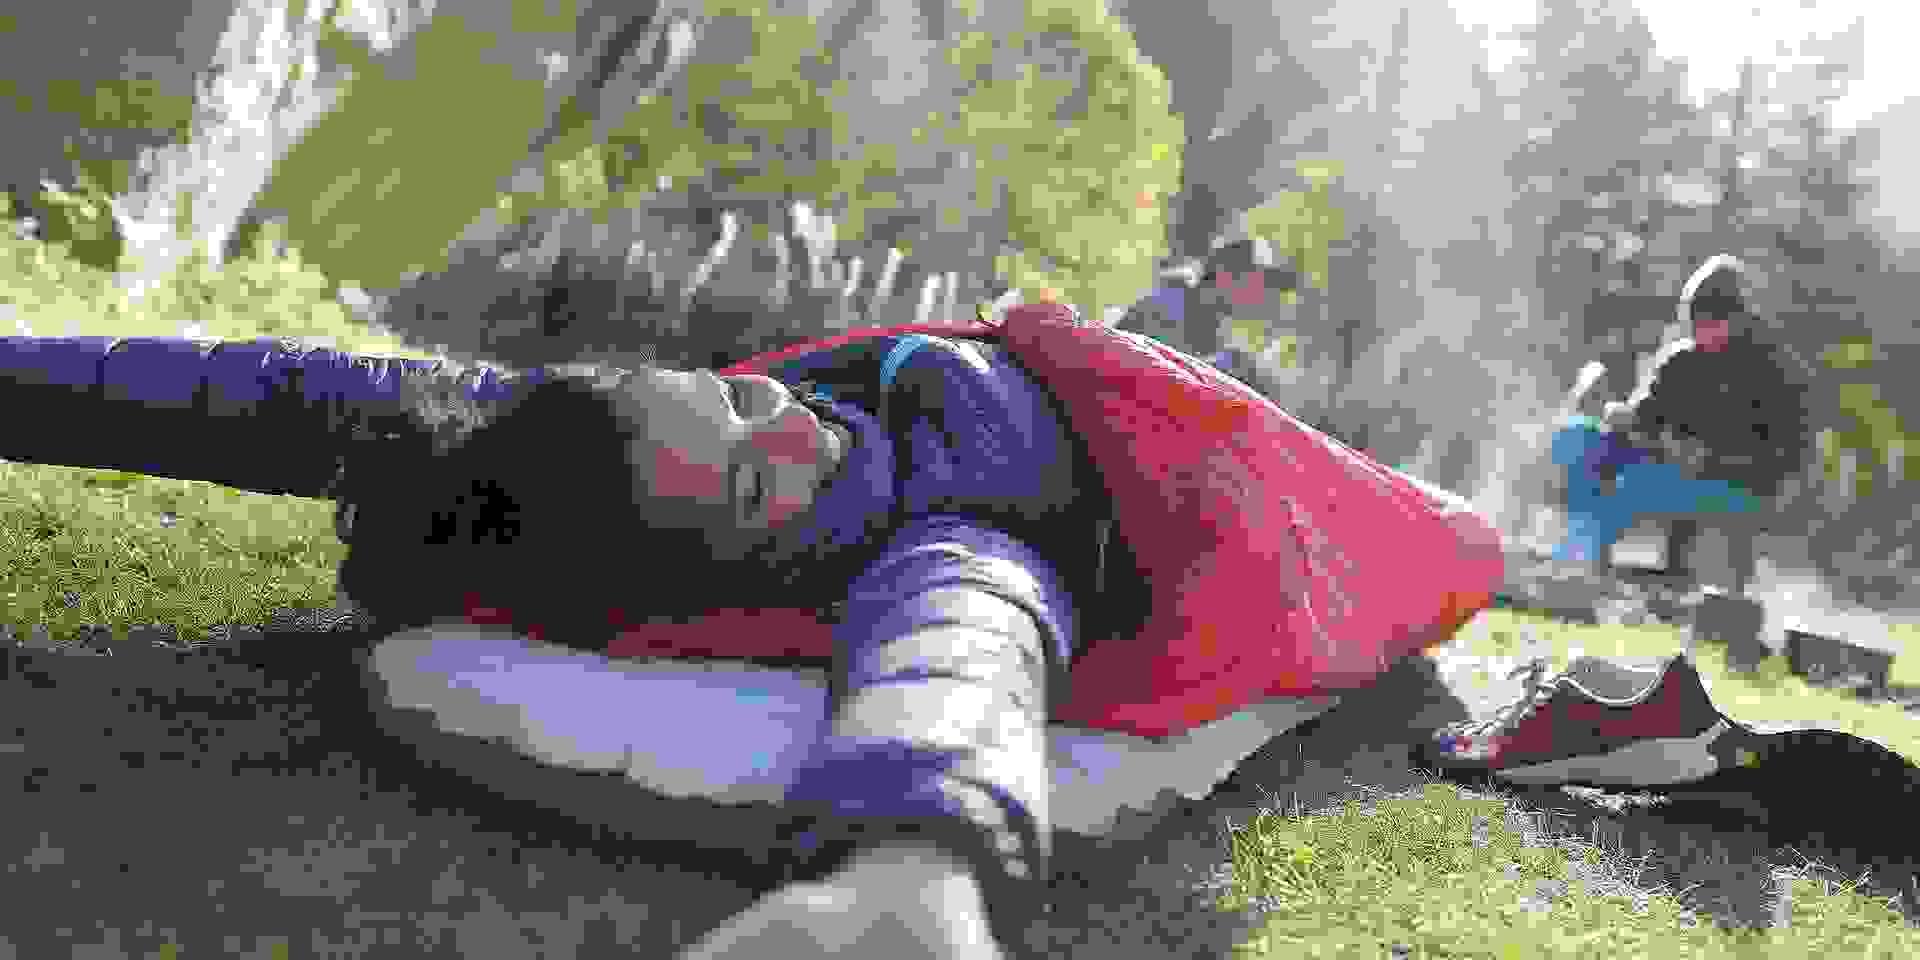 Eine Frau wacht auf nachdem sie mit Schlafsack im Freien übernachtet hat